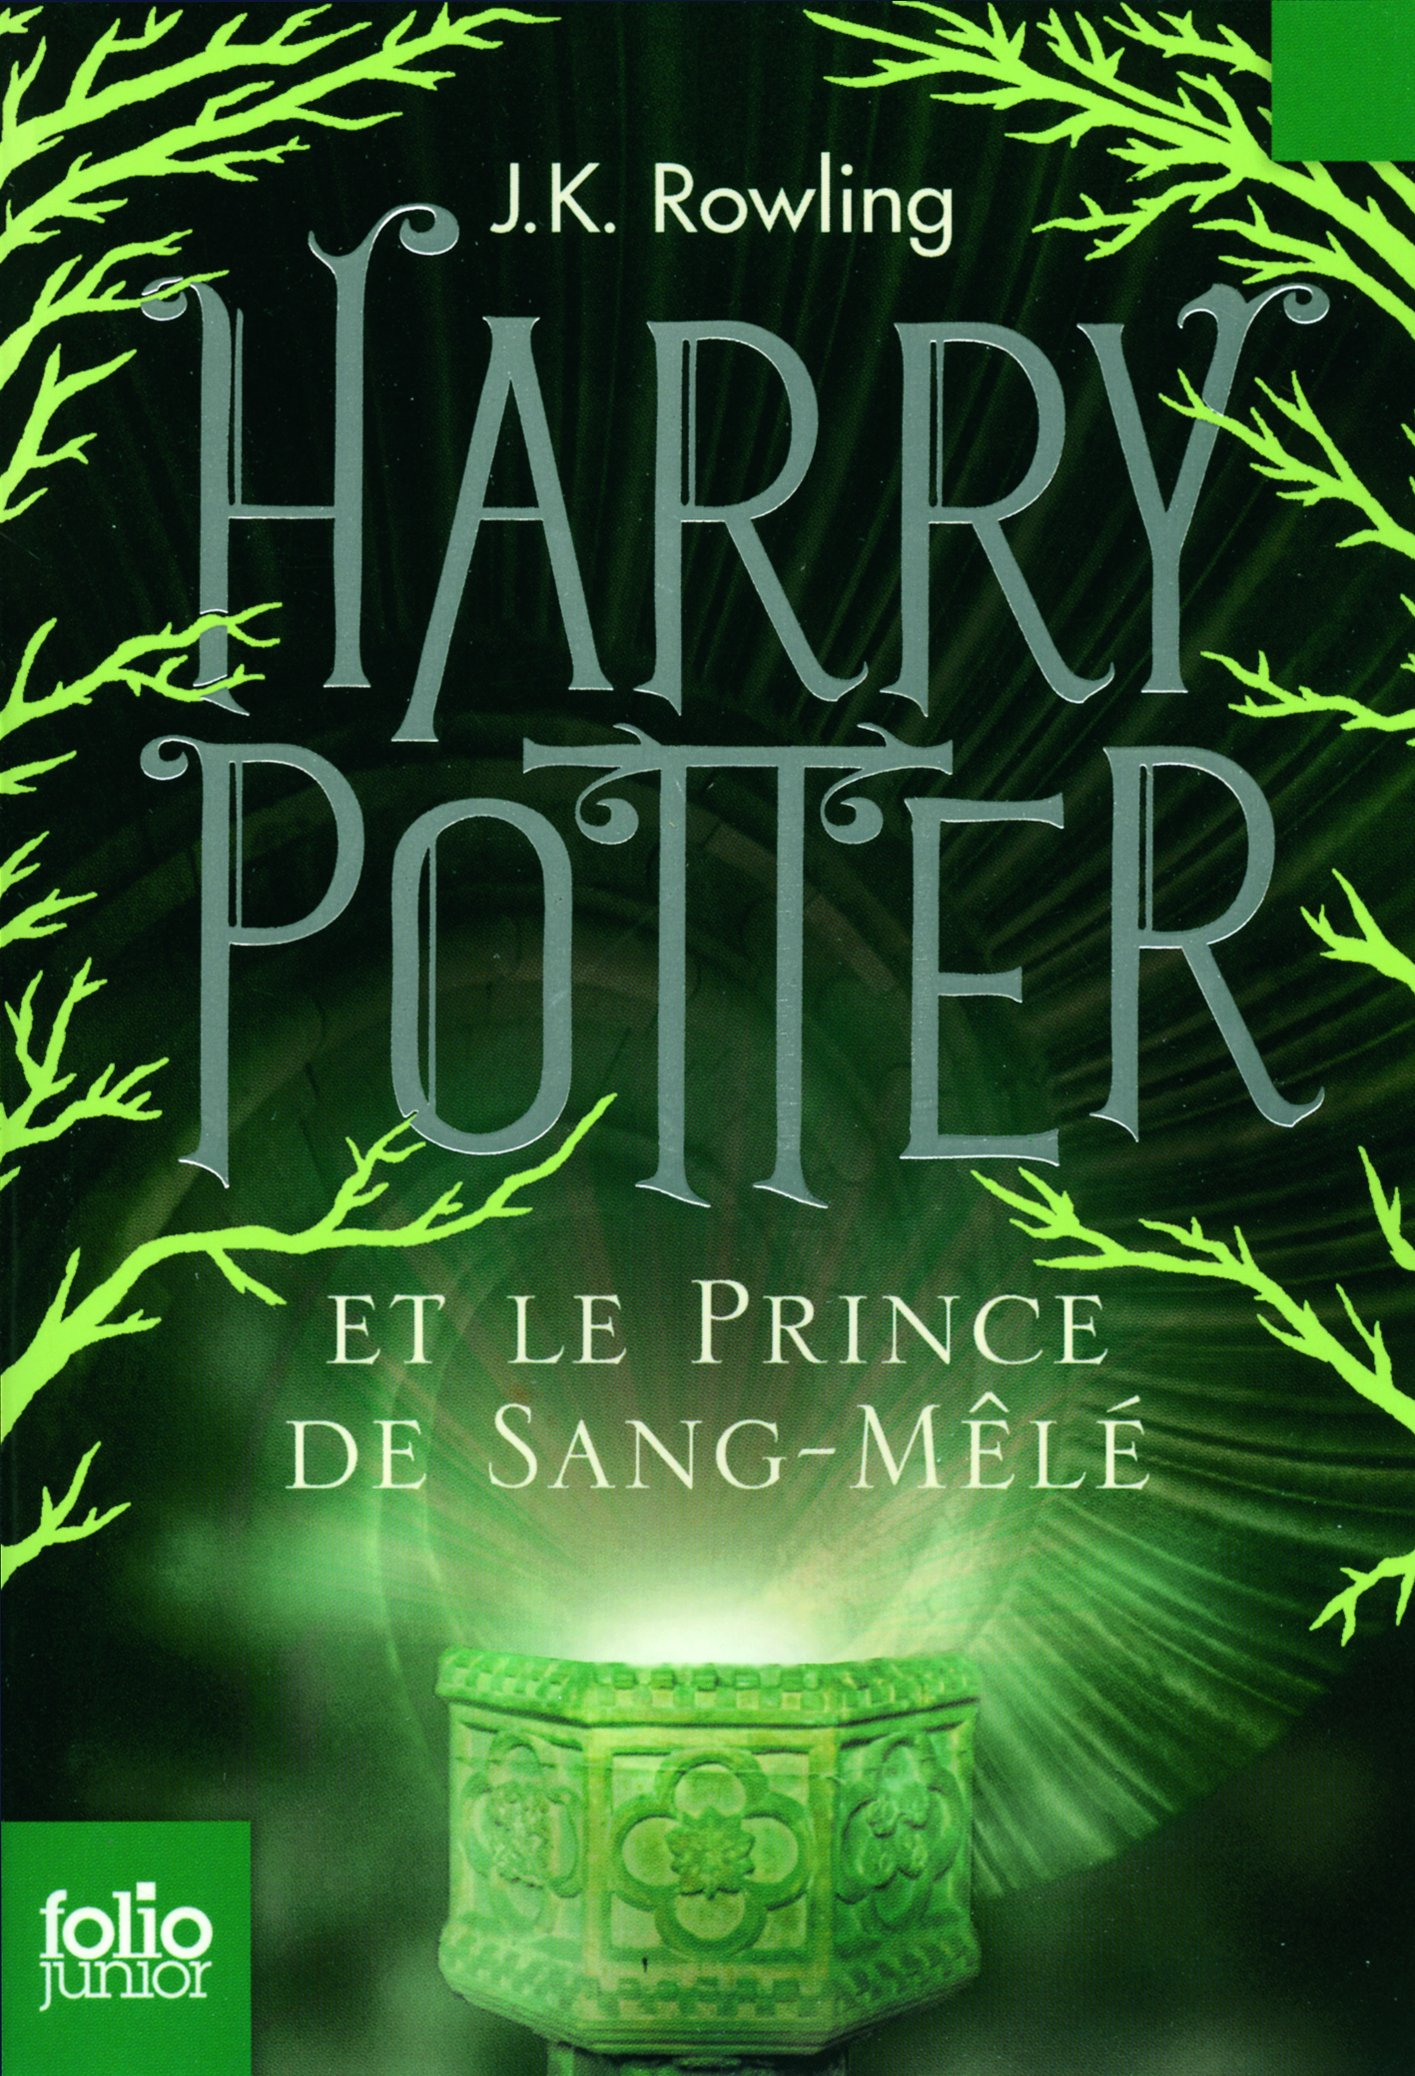 """Résultat de recherche d'images pour """"hp et le prince de sang mele folio"""""""